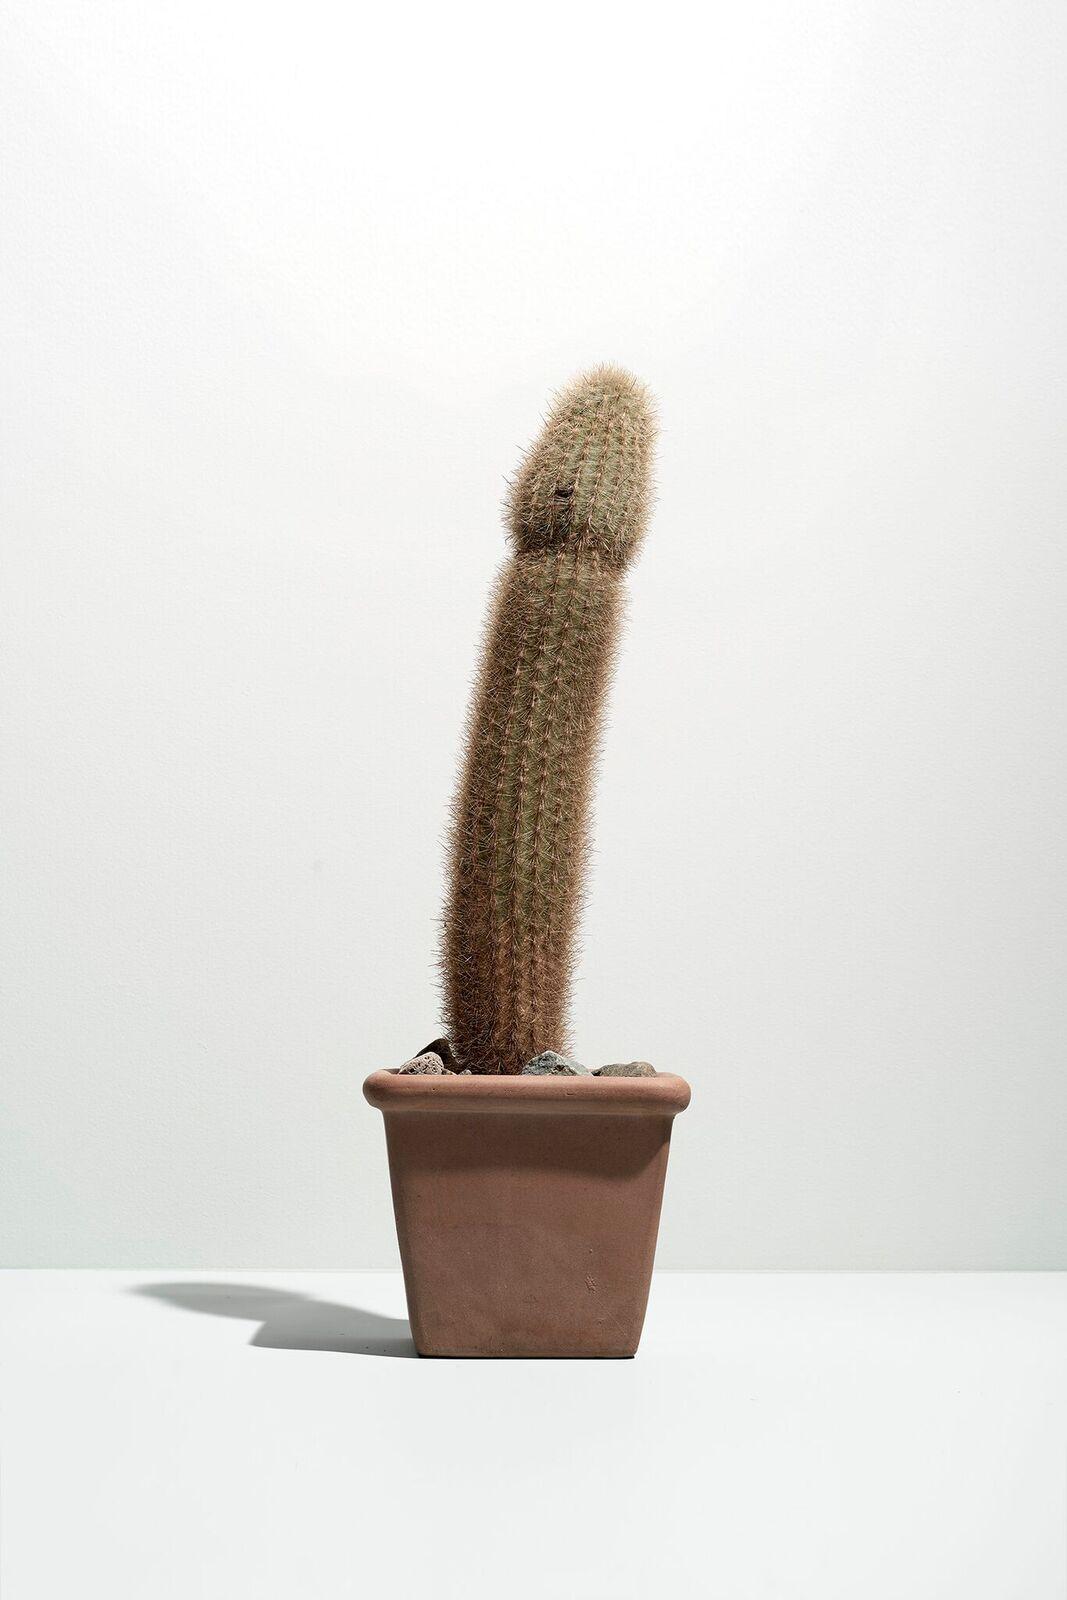 kaktus-ereksie